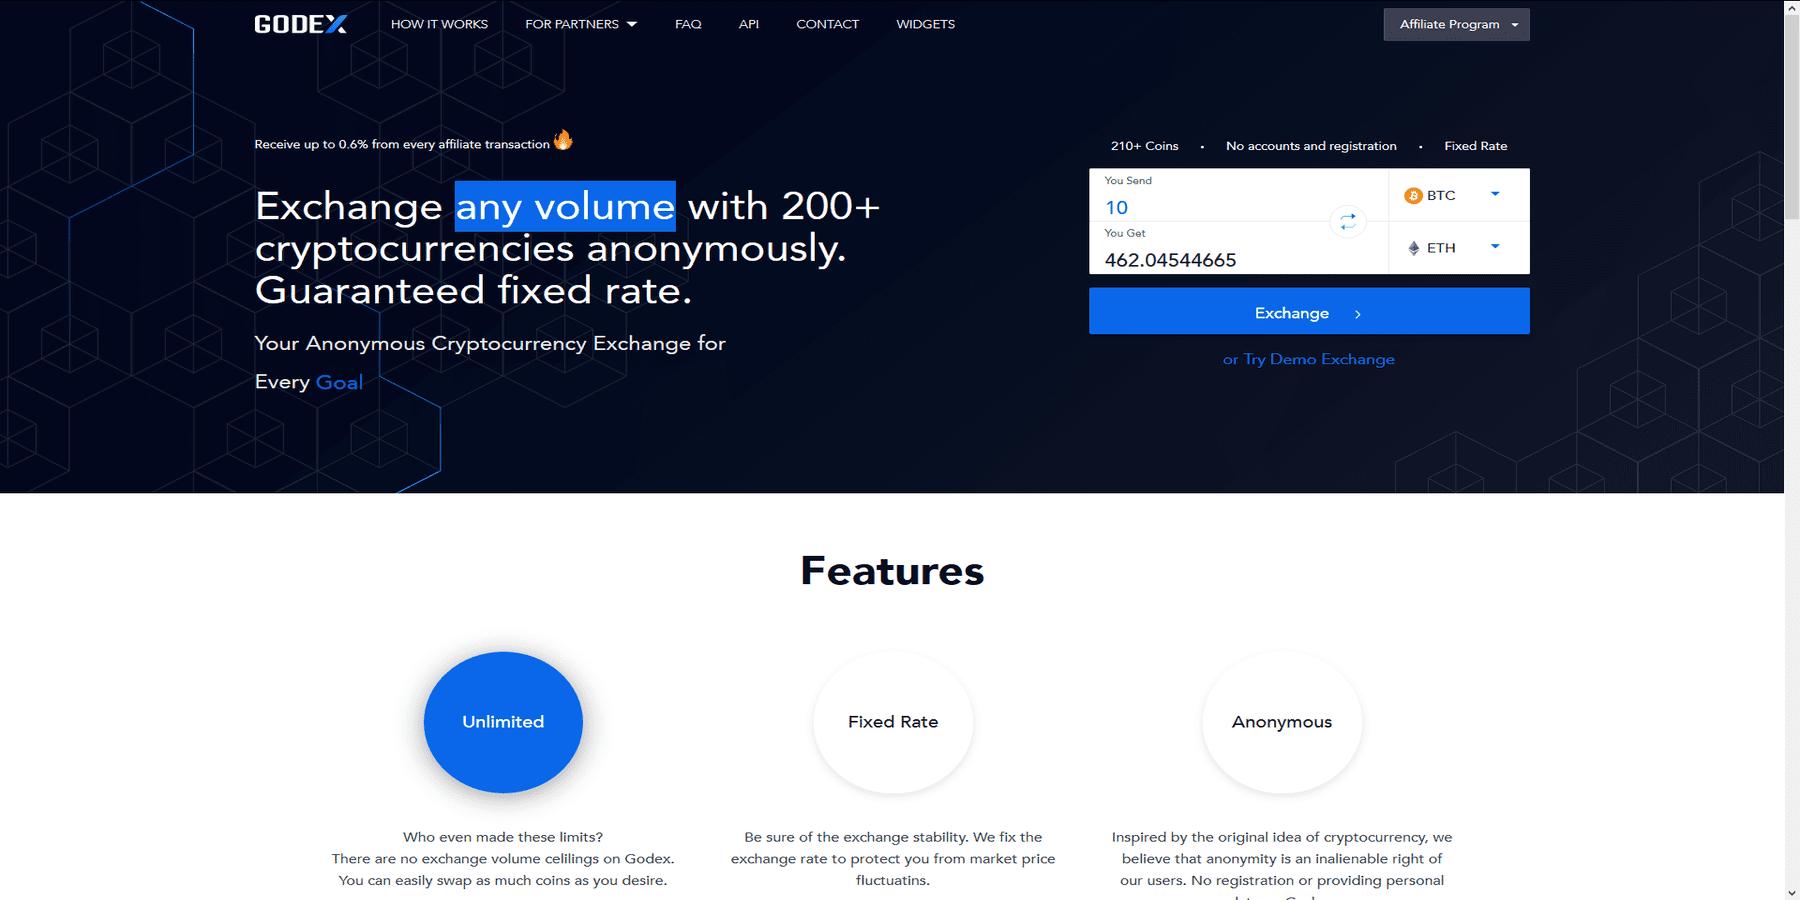 Acheter des cryptomonnaies chez Godex